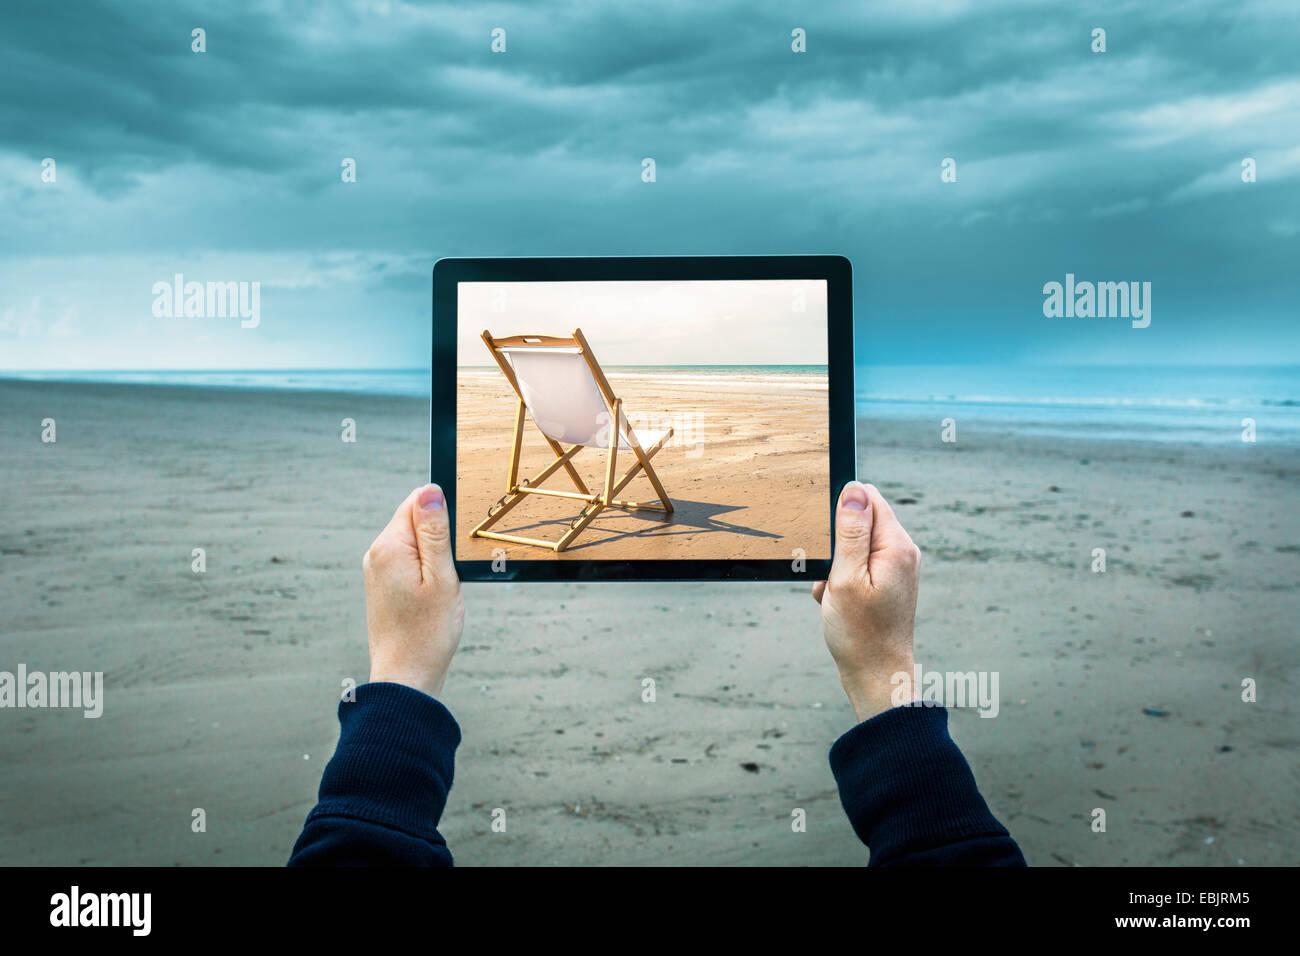 Donna matura sulla spiaggia nuvoloso, tenendo tavoletta digitale mostra sunny beach scena, concentrarsi sulle mani Immagini Stock